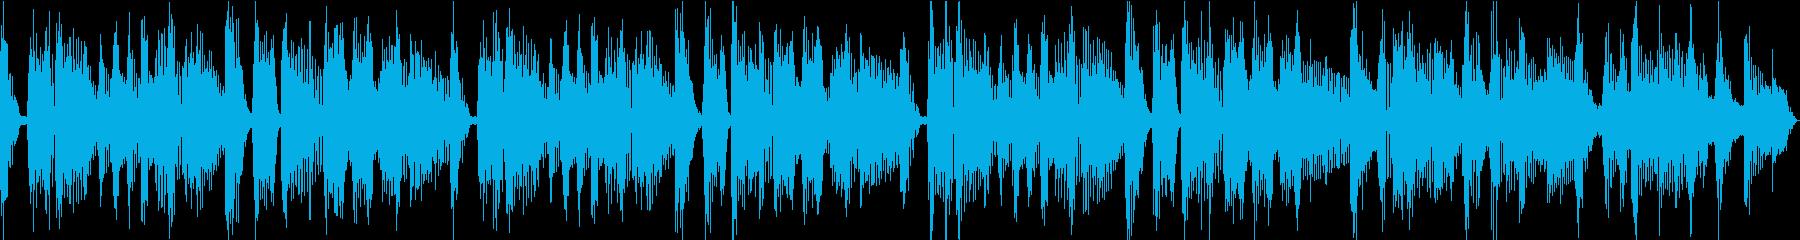 おしゃれなエレピとファンキーなノリの曲の再生済みの波形